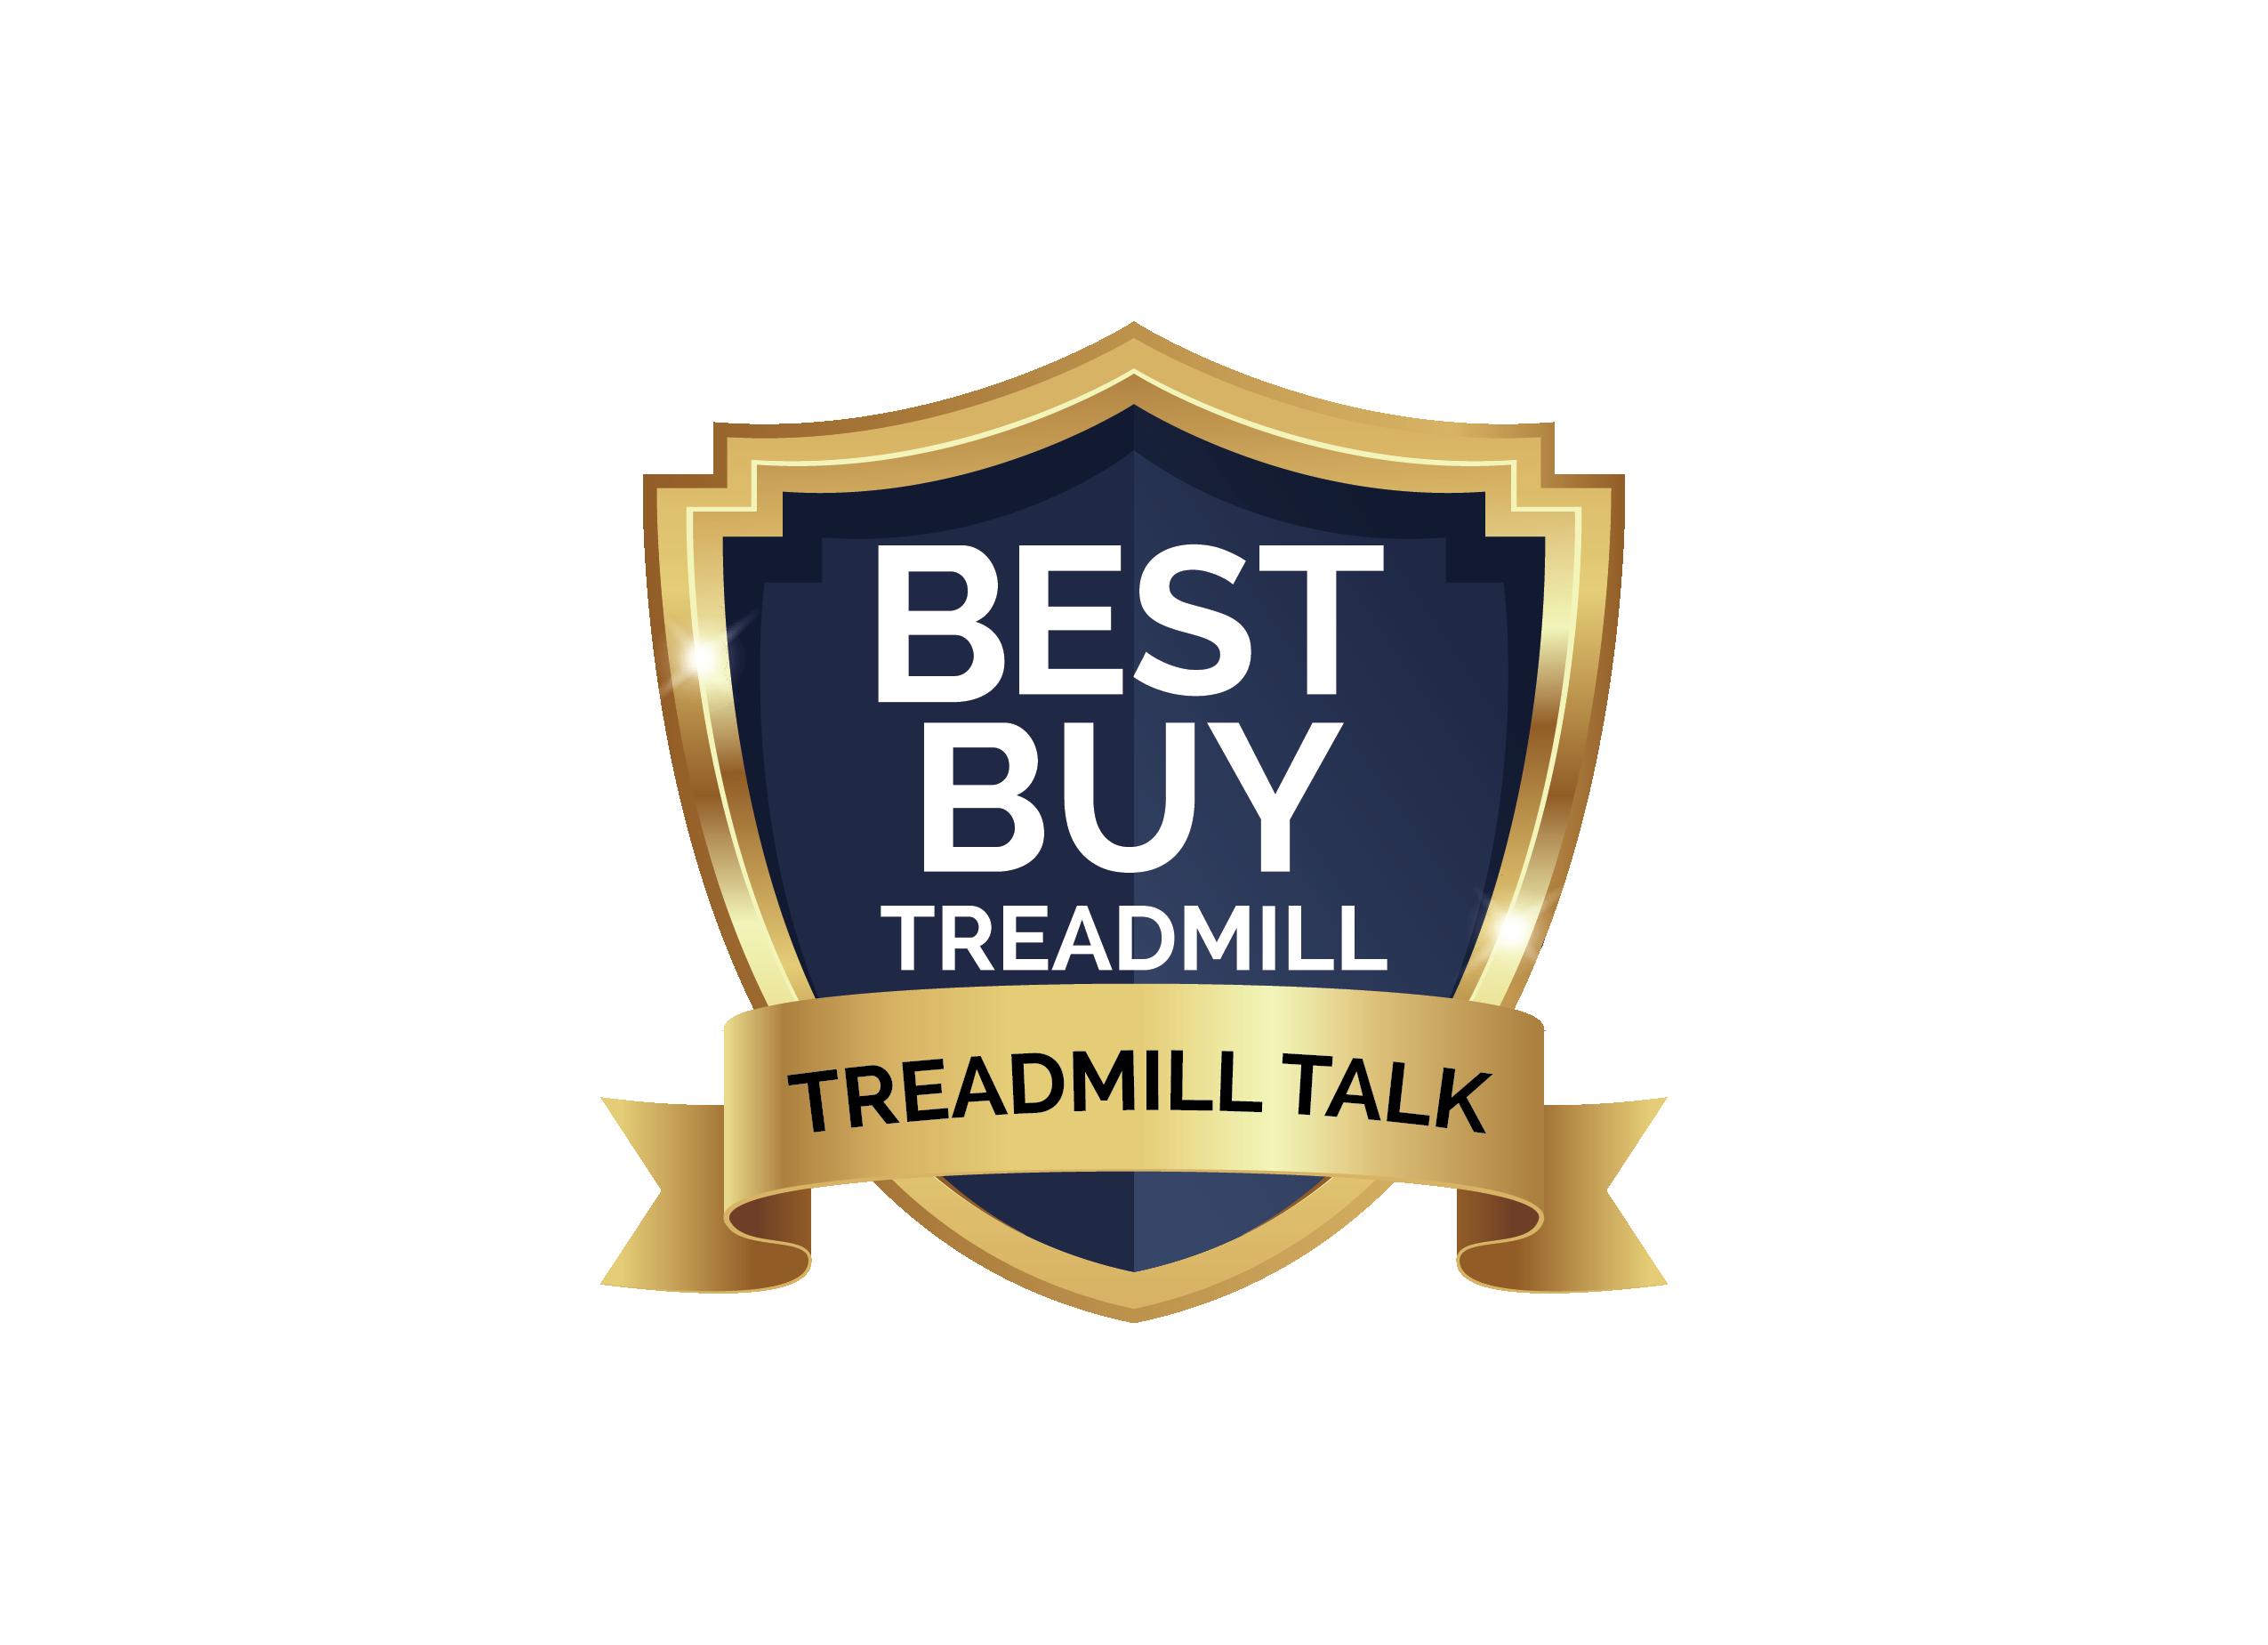 Treadmill Talk Best Buy Award